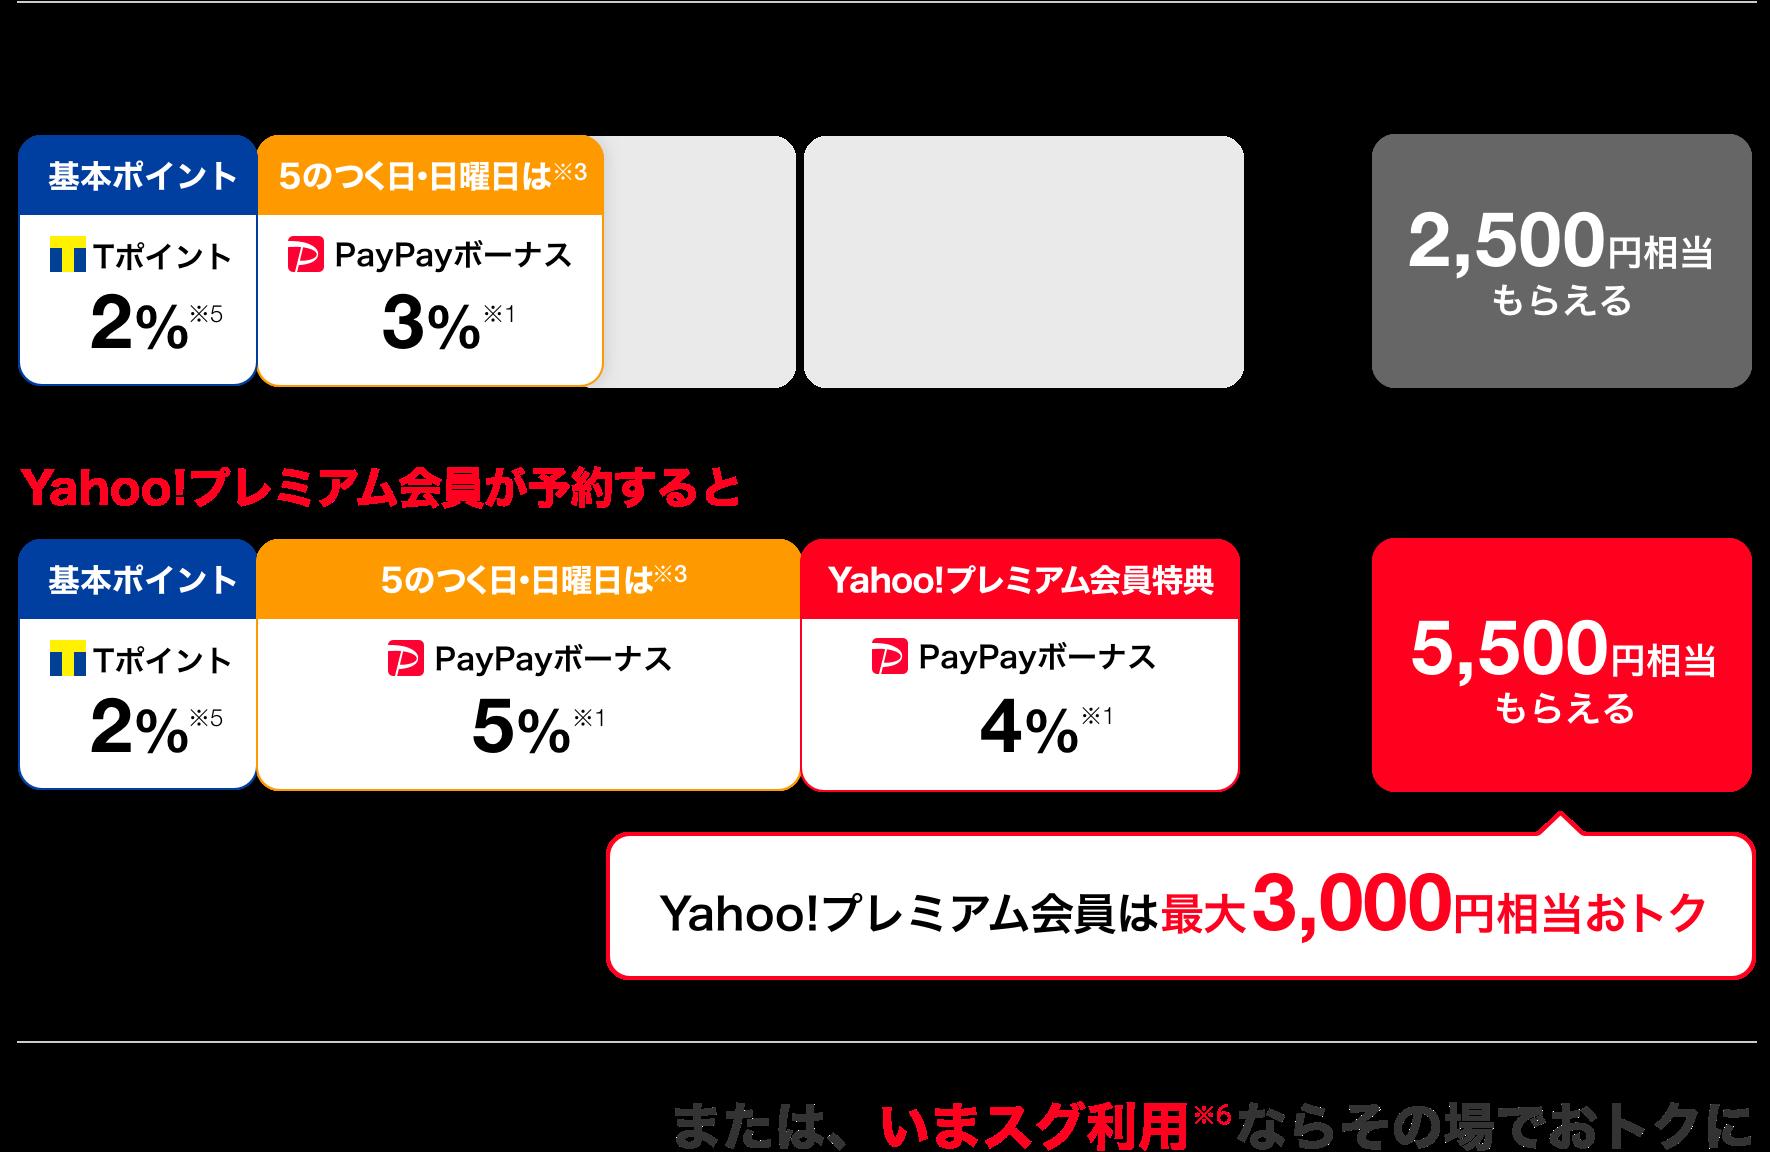 Yahoo!プレミアム会員が予約すると5,500円相当もらえる。または、いまスグ利用※6ならその場でおトクに